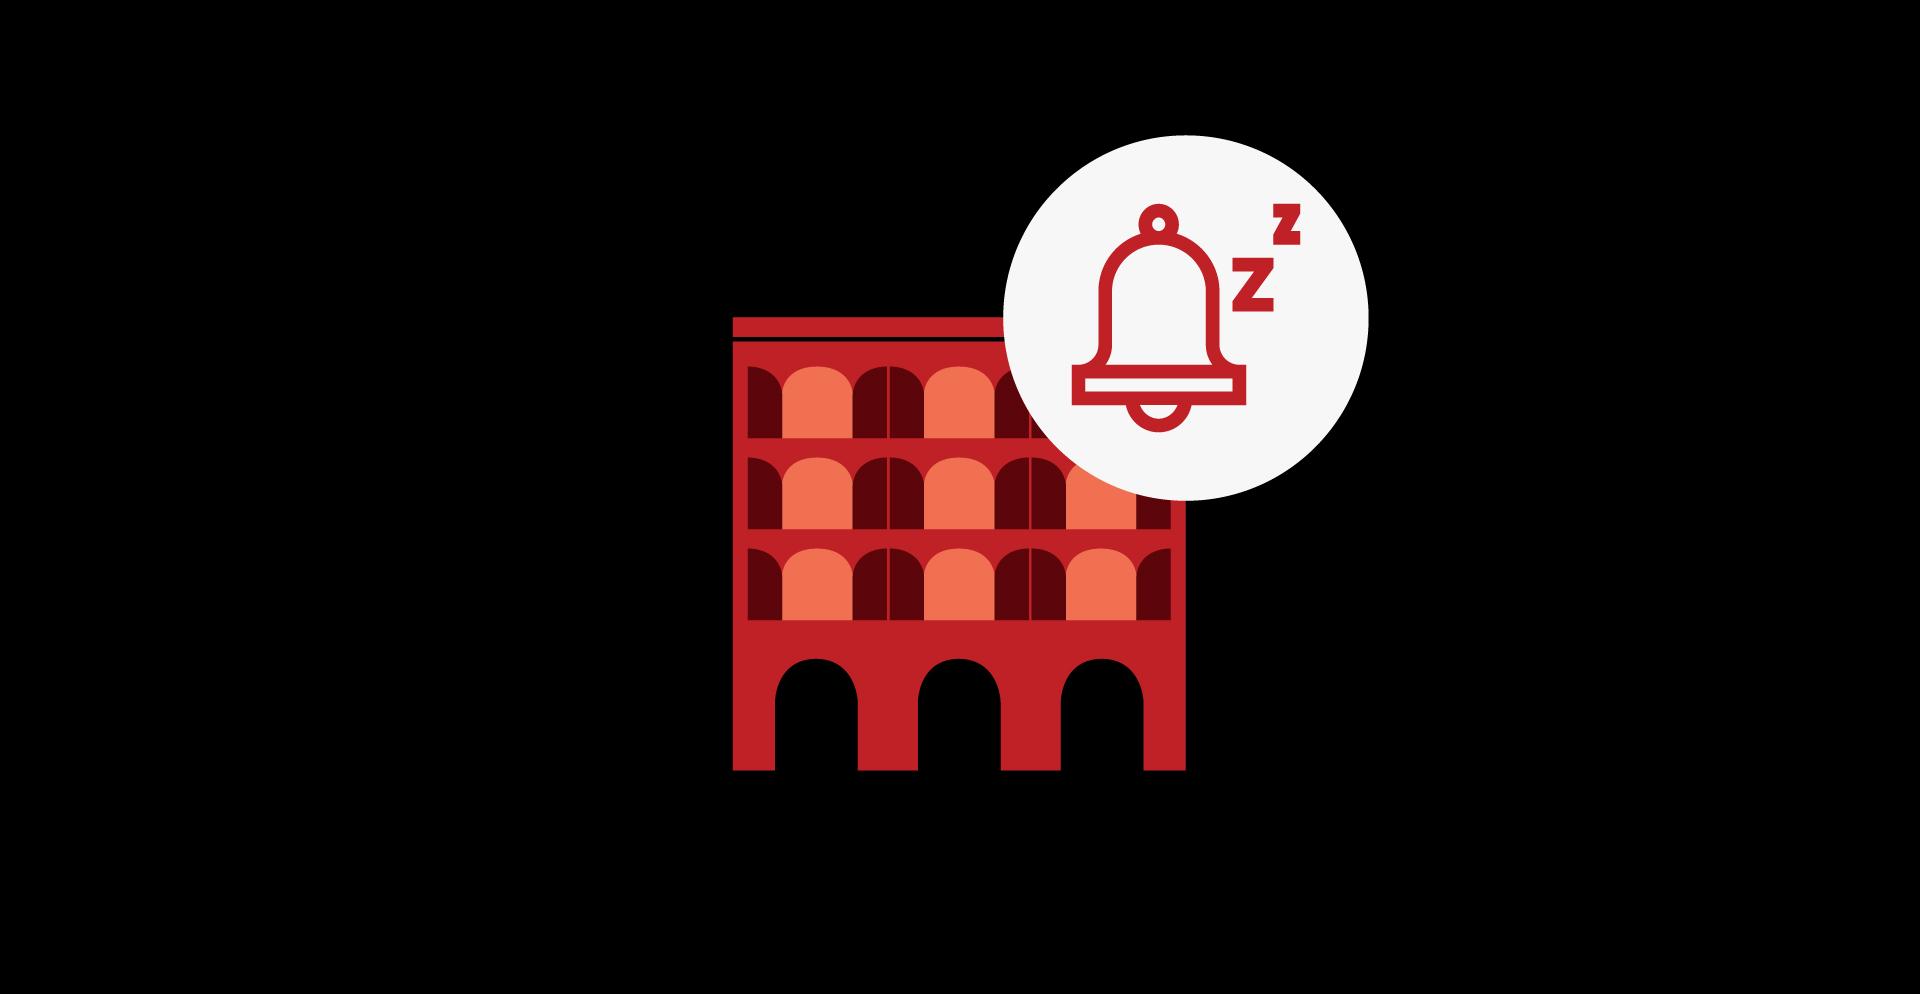 Market icon with alarm clock snooze icon